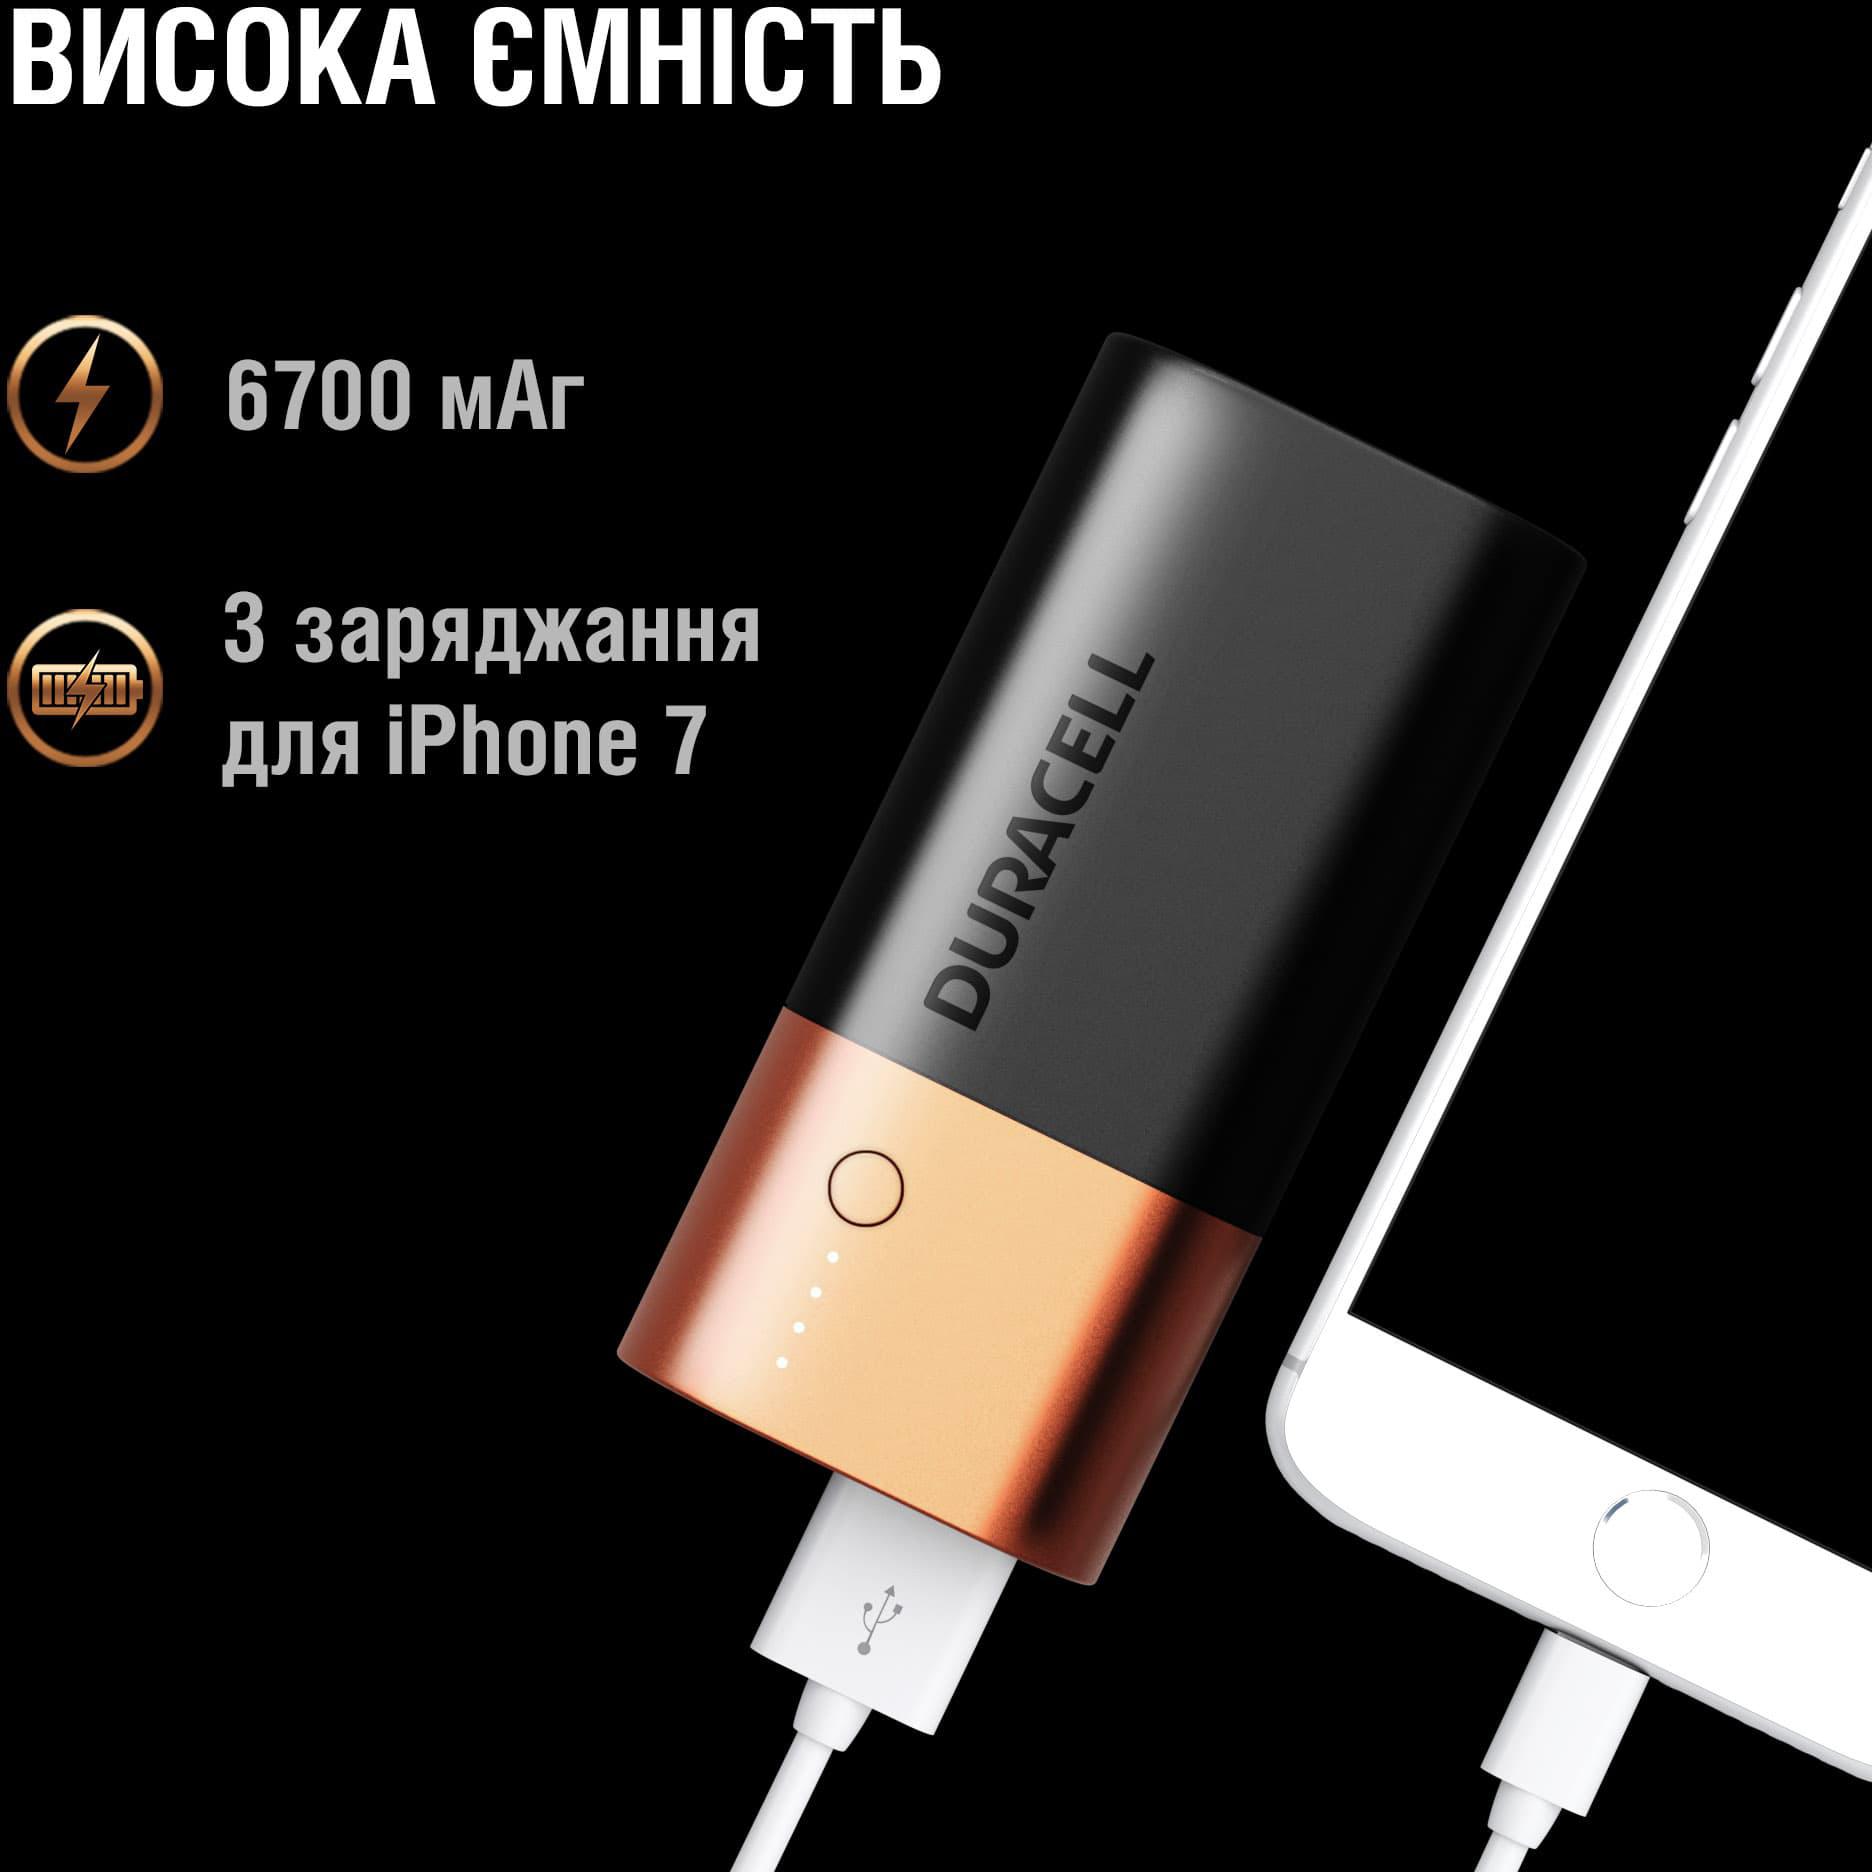 Аккумулятор-зарядка Power bank, емкость 6700мАч, выход 2,4А - 1 USB, вход - microUSB Duracell - фото 4